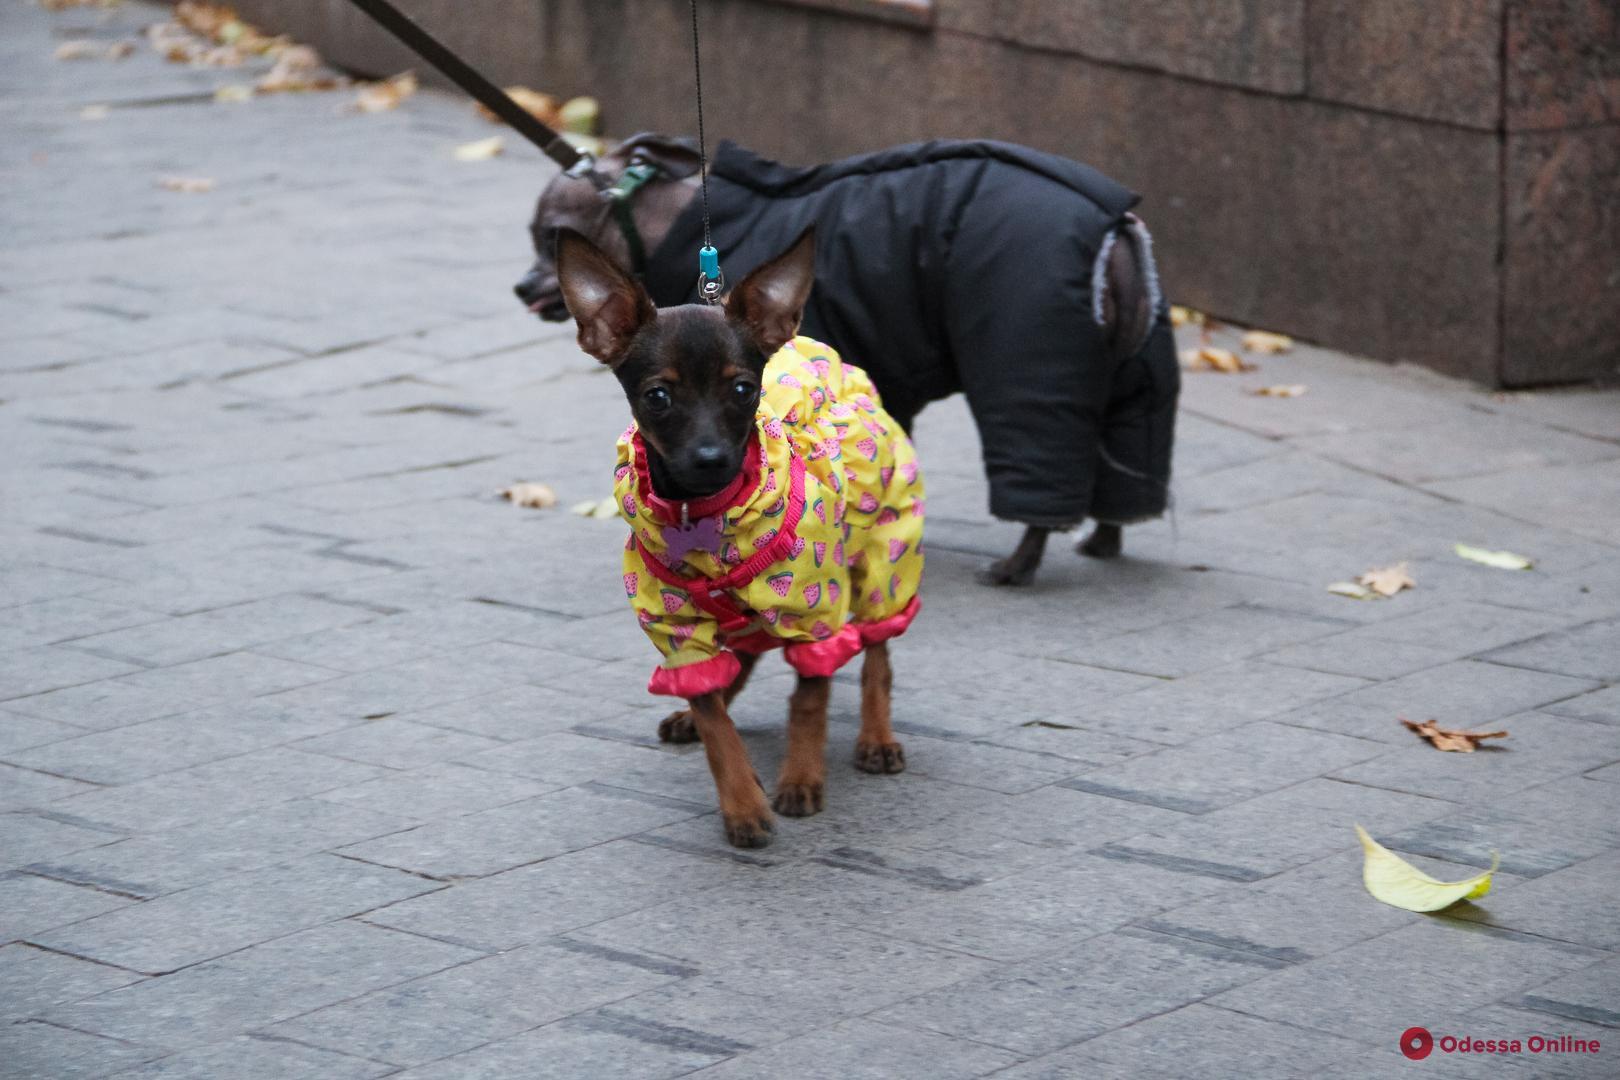 Время утепляться: хвостатые одесские модники (фото)